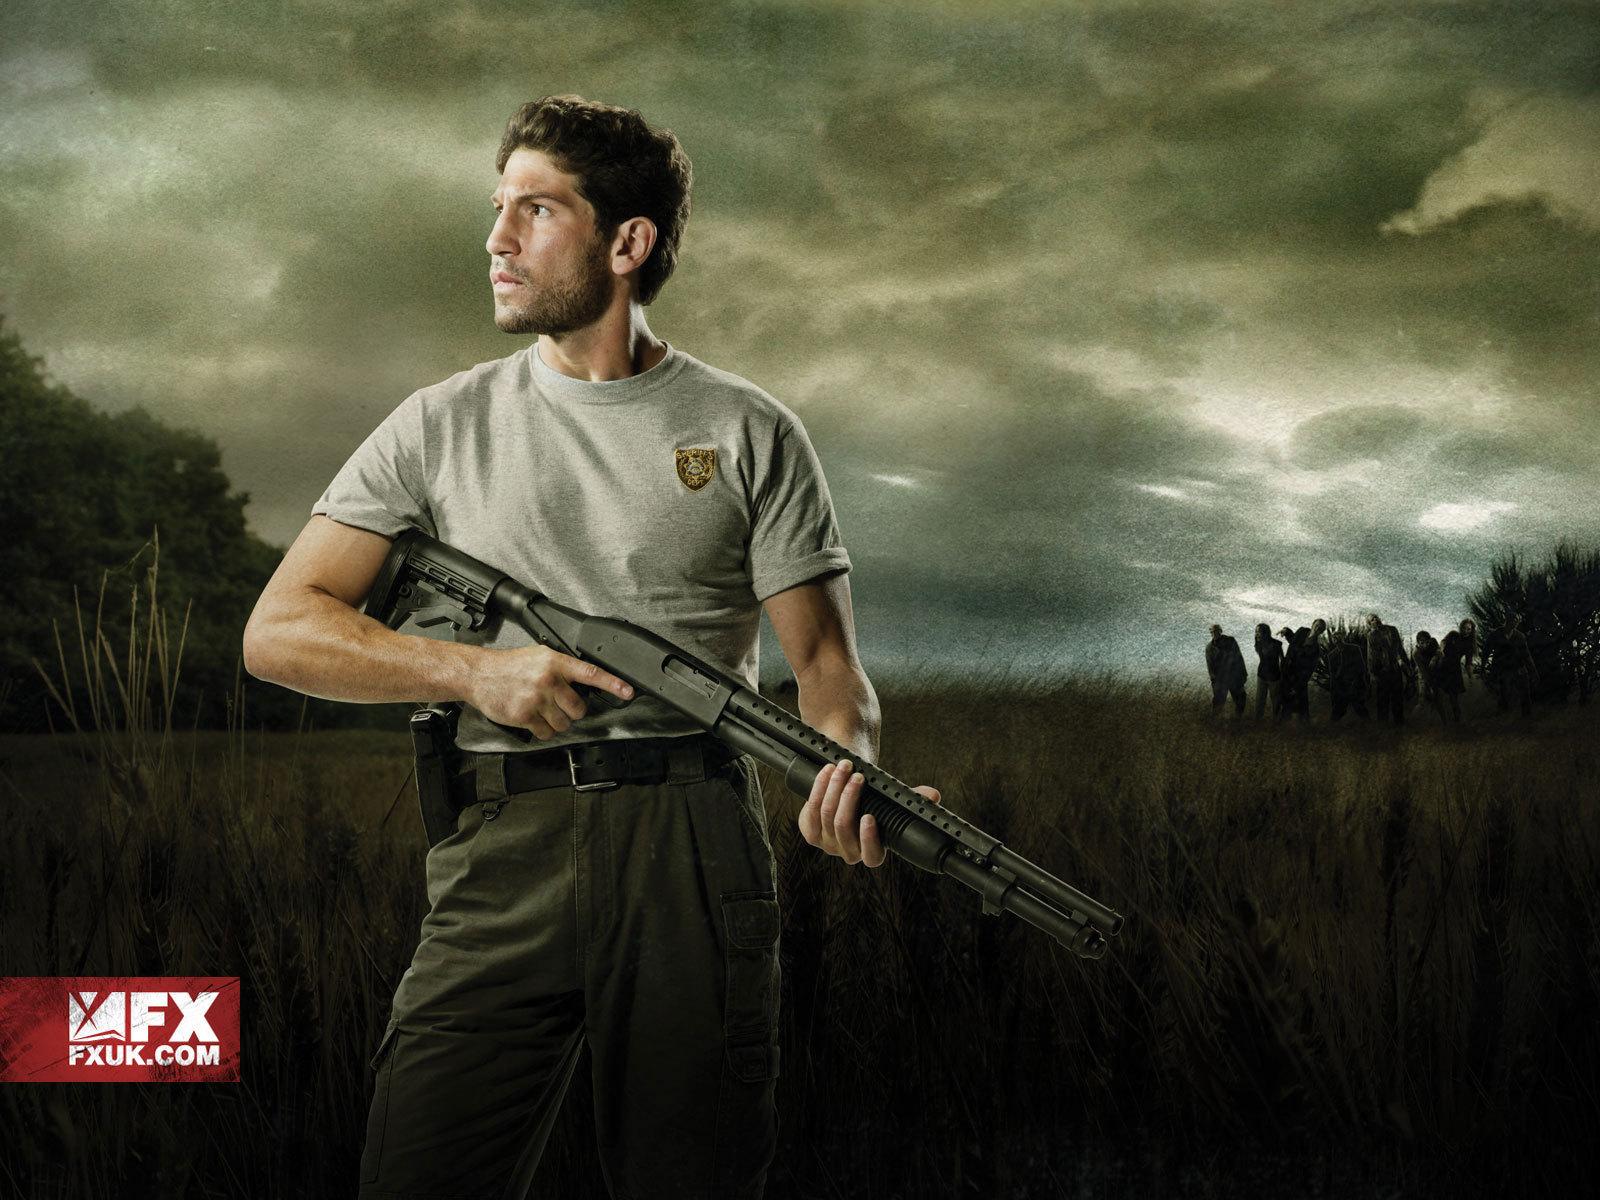 Walking Dead: Weapons Of The Walking Dead